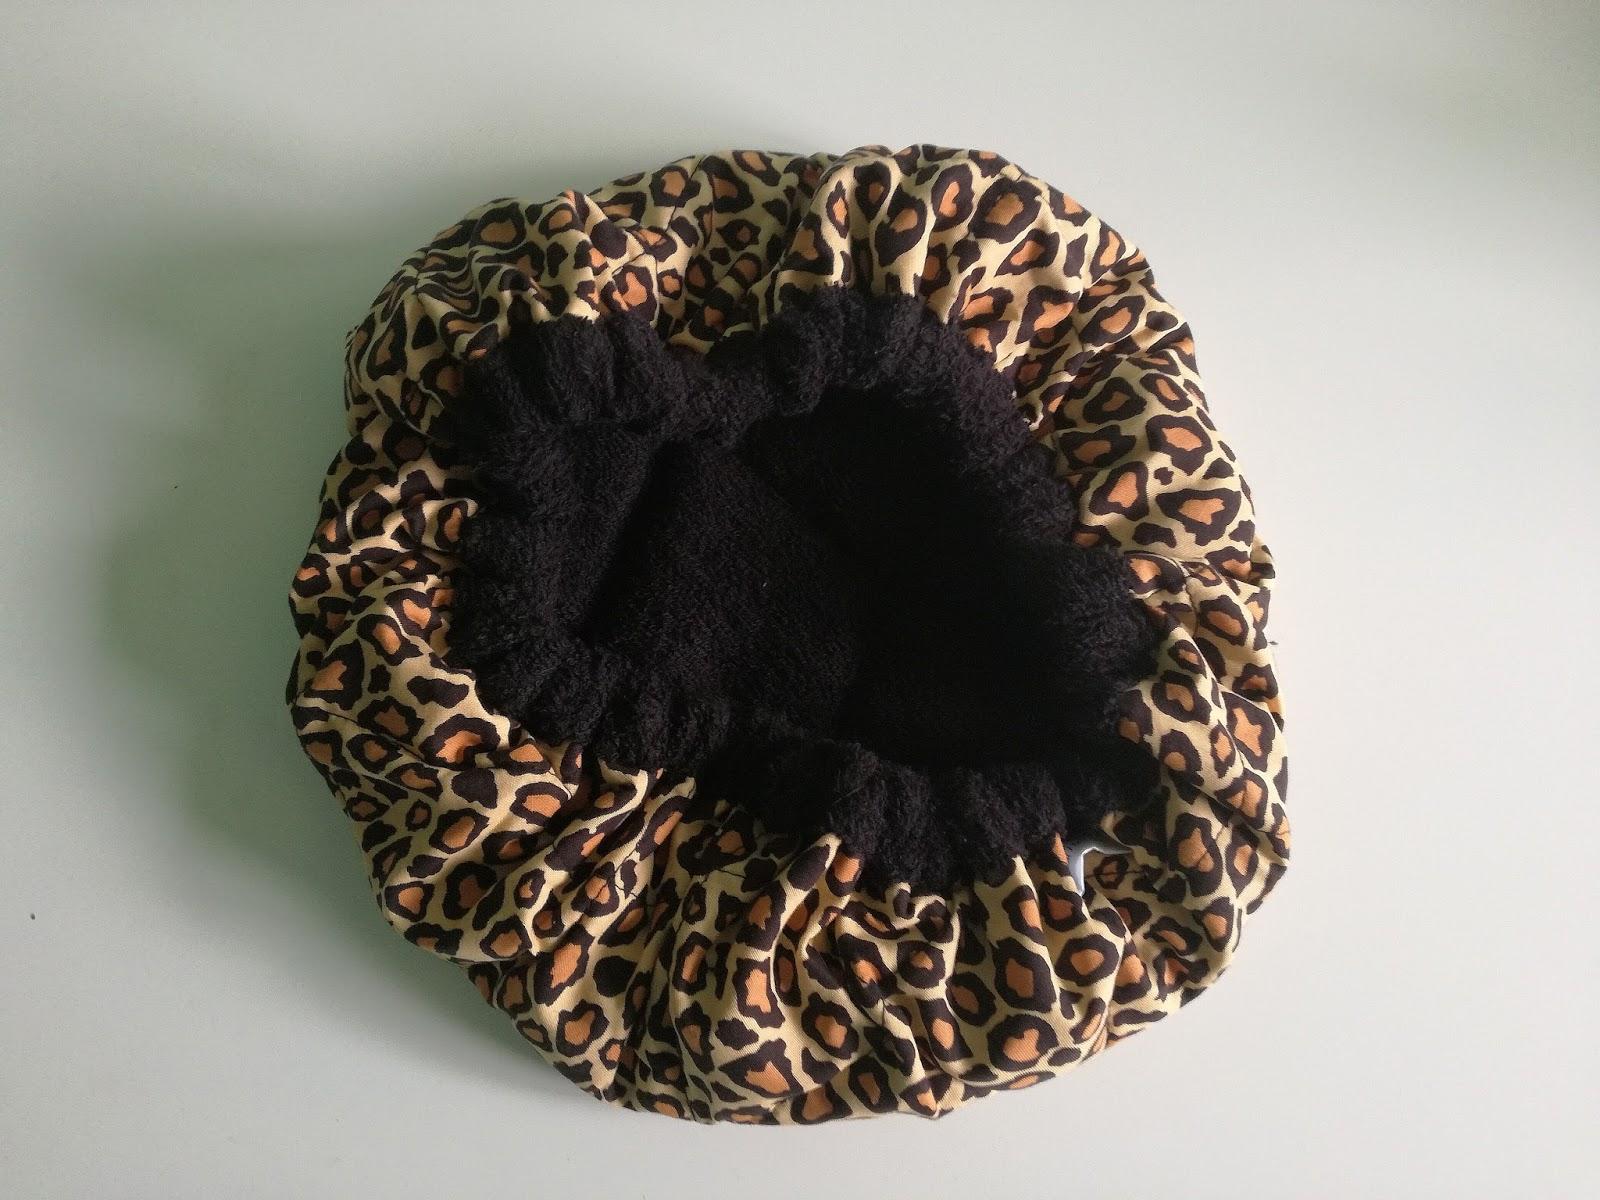 Le bonnet chauffant est fait pour toutes celles qui ont des cheveux secs,  fourchus, ou abimés, et pour celles qui veulent des cheveux plus brillants,